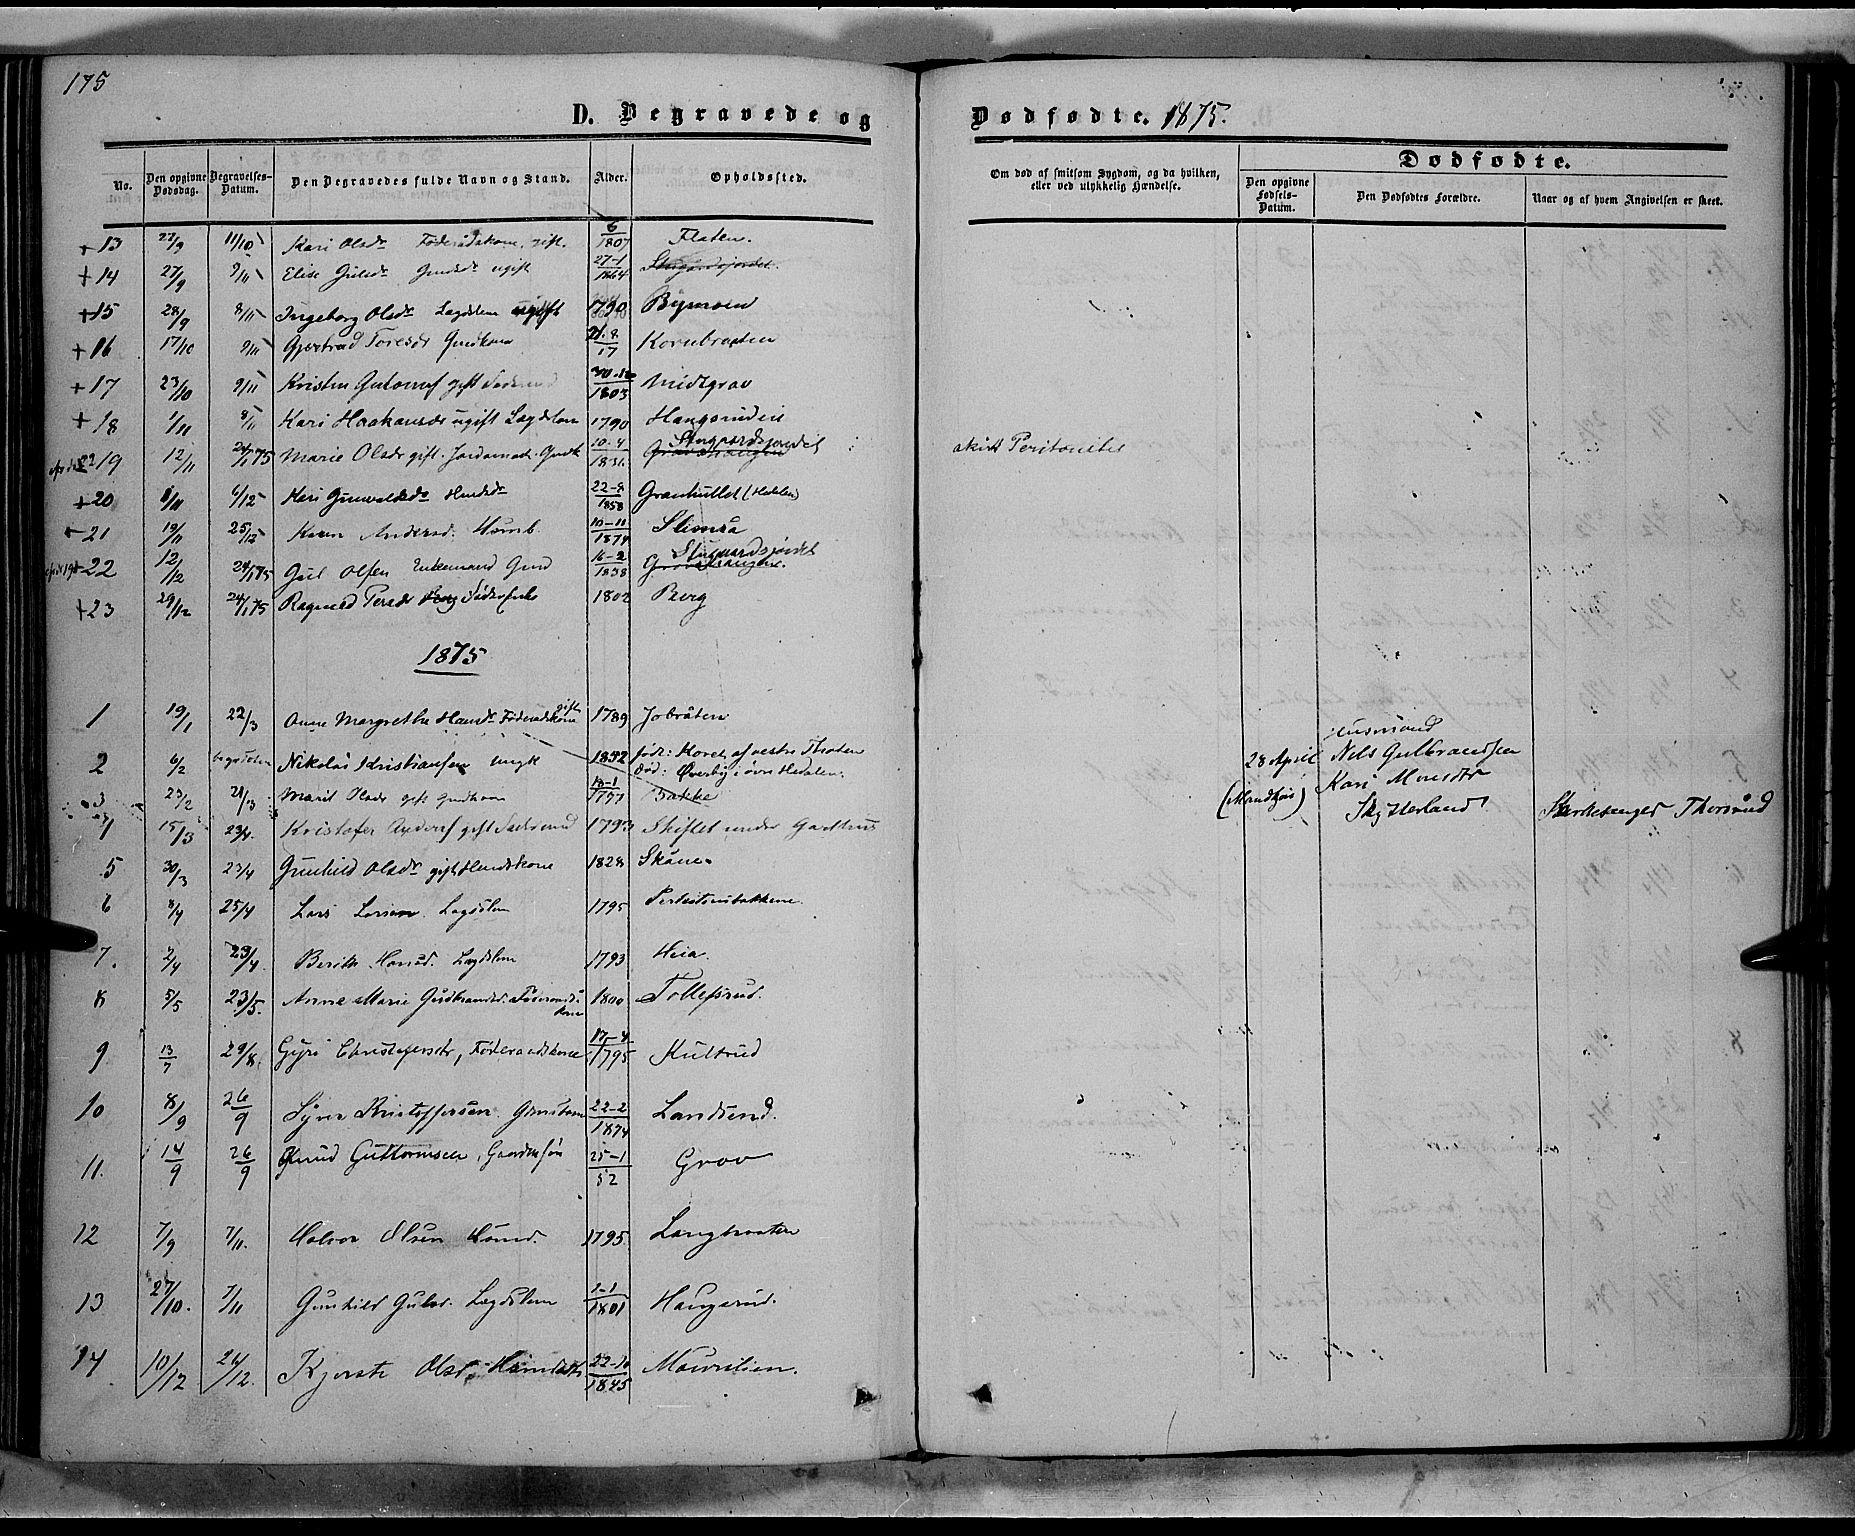 SAH, Sør-Aurdal prestekontor, Ministerialbok nr. 7, 1849-1876, s. 175